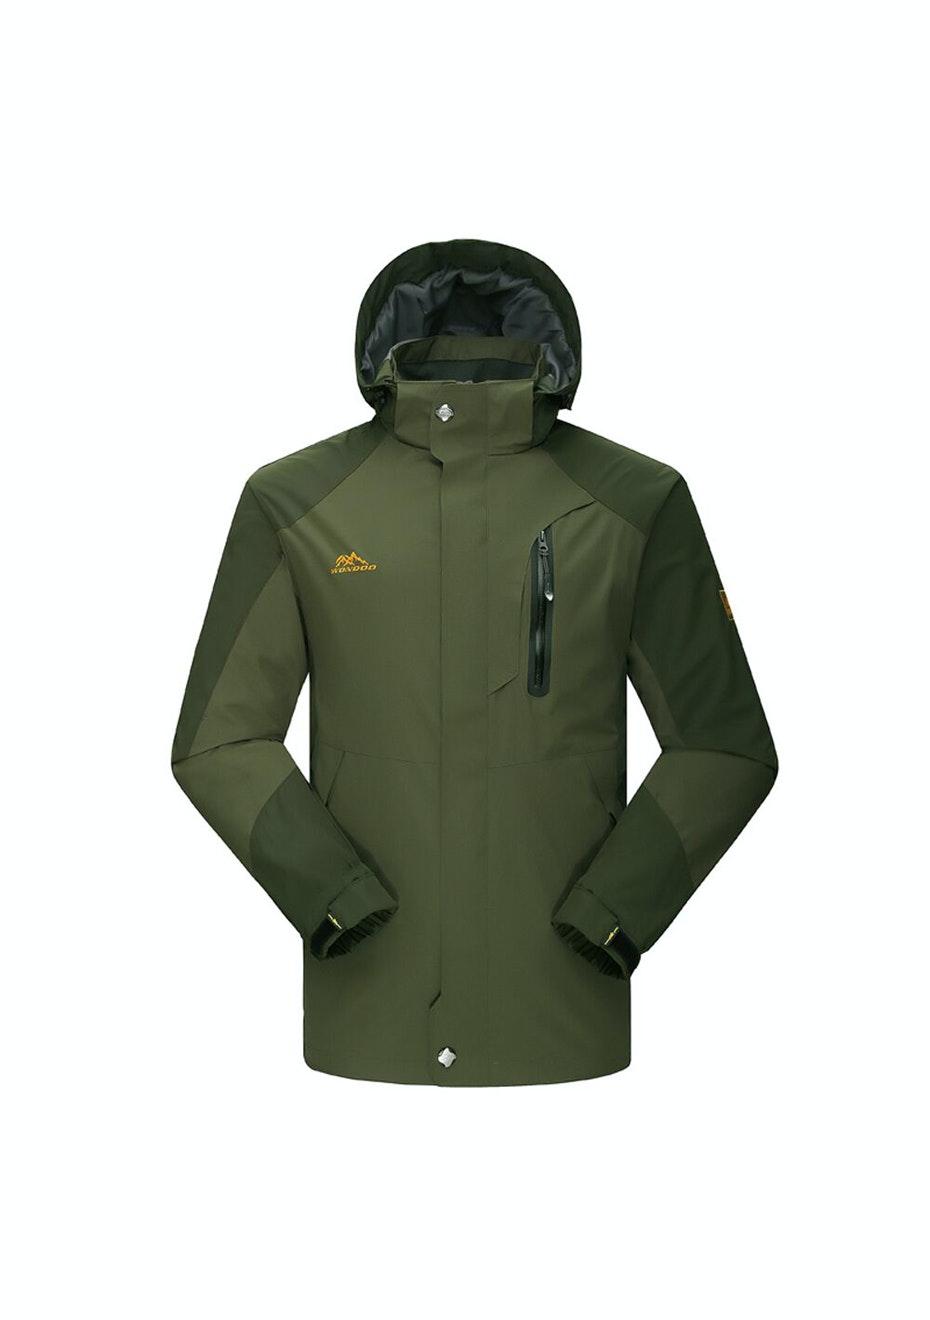 Men 2-in-1 WaterProof Jackets - Tan